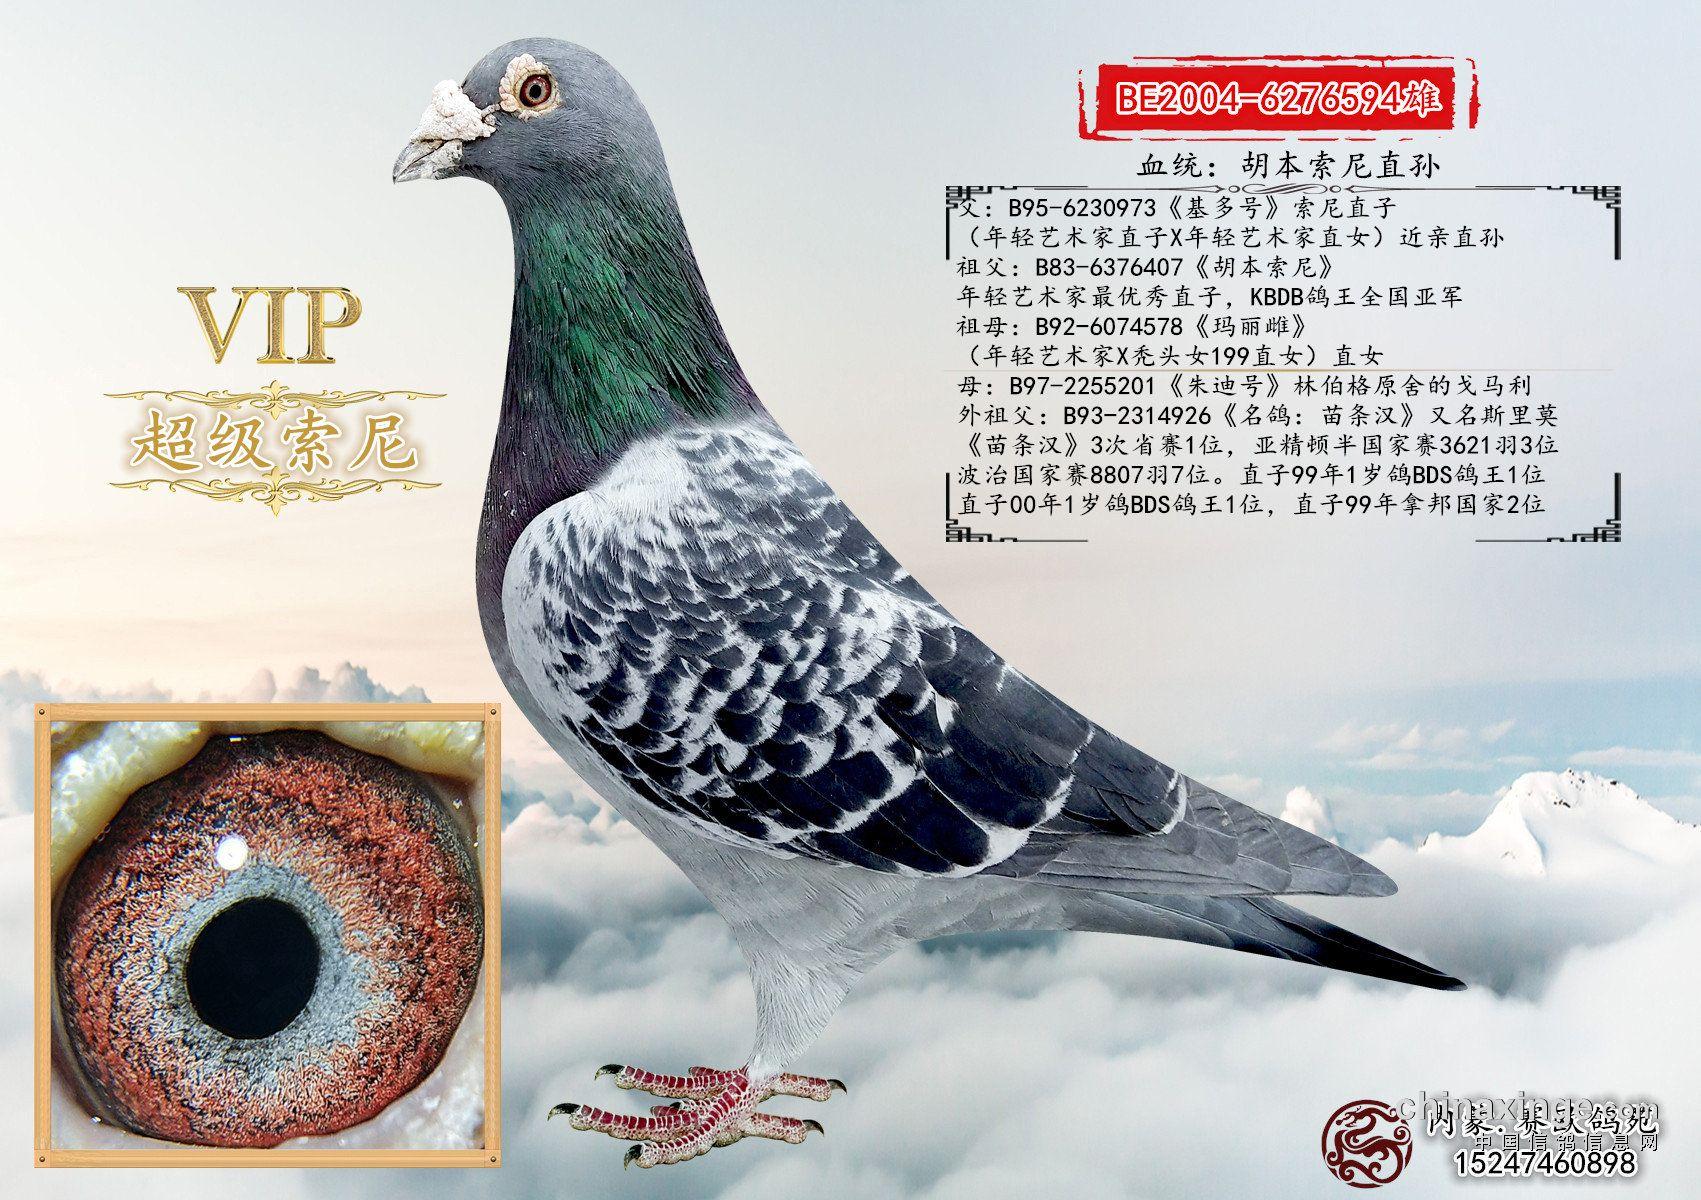 鸟类鸽鸽子蝴蝶图示鸟动物1701_1200教学也是破茧而出么图片